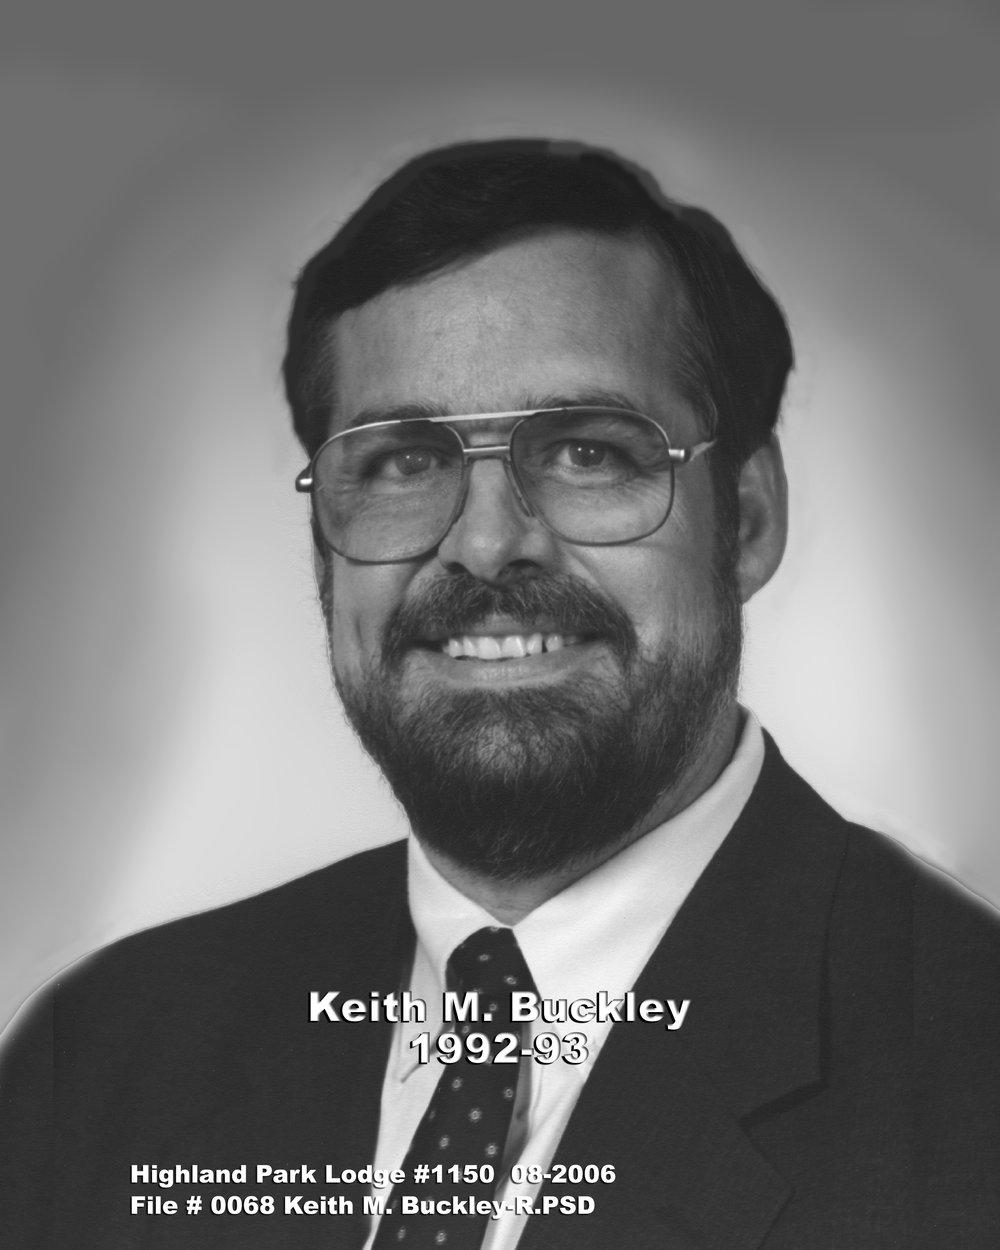 0068 Keith M Buckley-R.jpg